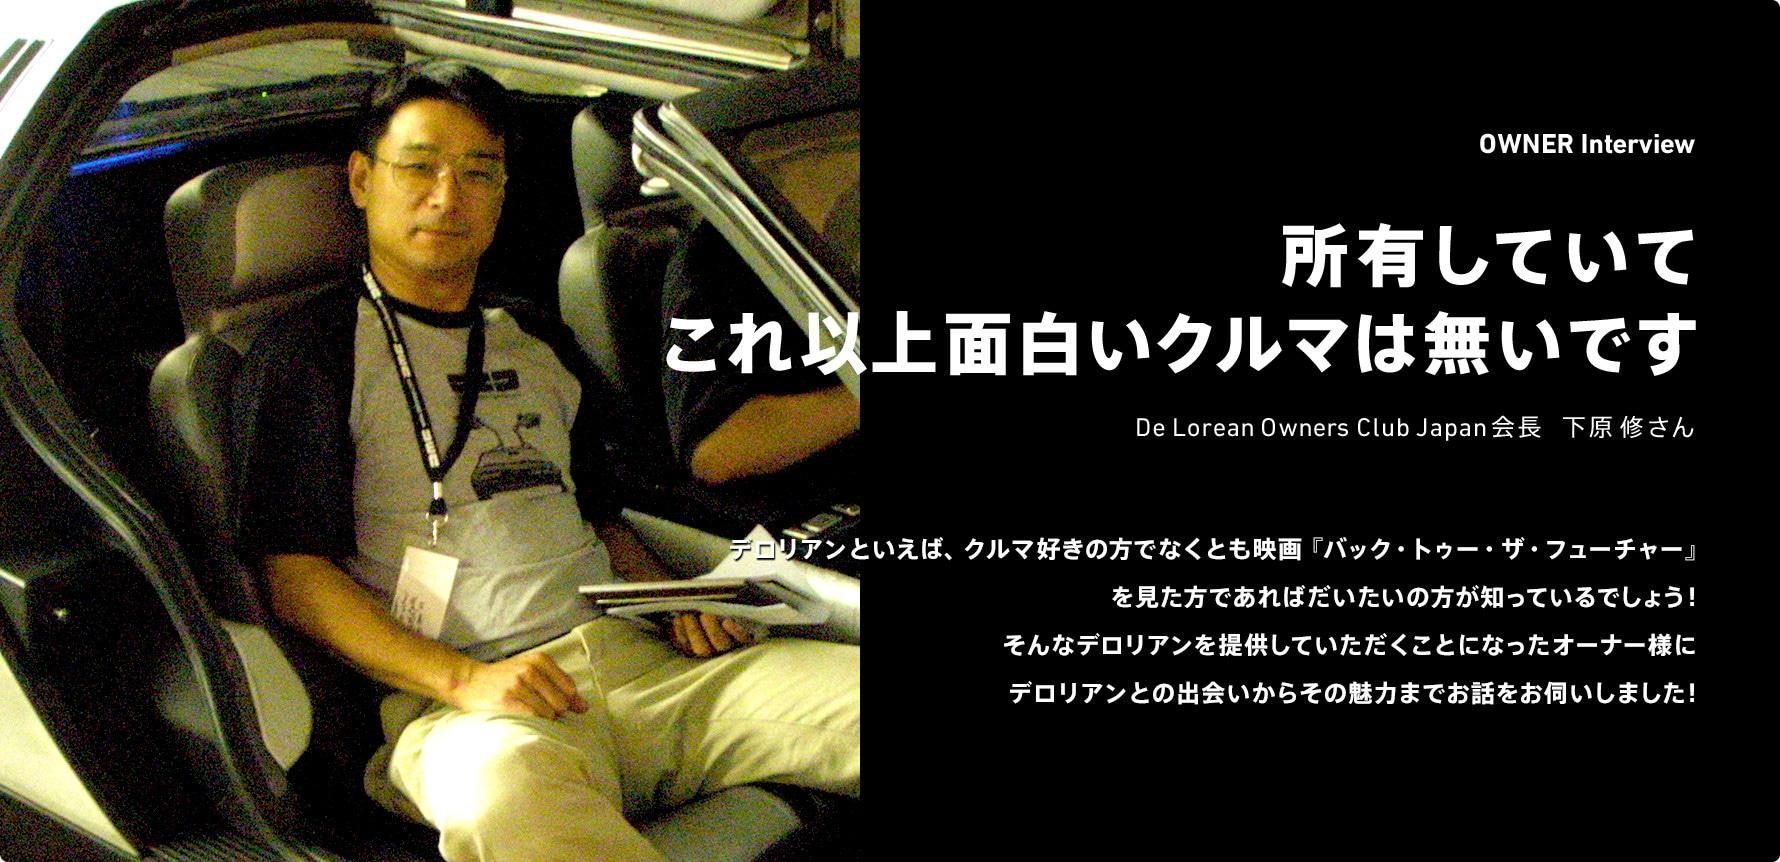 所有していてこれ以上面白いクルマは無いです De Lorean Owners Club Japan会長 下原修さん デロリアンといえば、クルマ好きの方でなくとも映画『バック・トゥー・ザ・フューチャー』を見た方であればだいたいの方が知っているでしょう!そんなデロリアンを提供していただくことになったオーナー様にデロリアンとの出会いからその魅力までお話をお伺いしました!